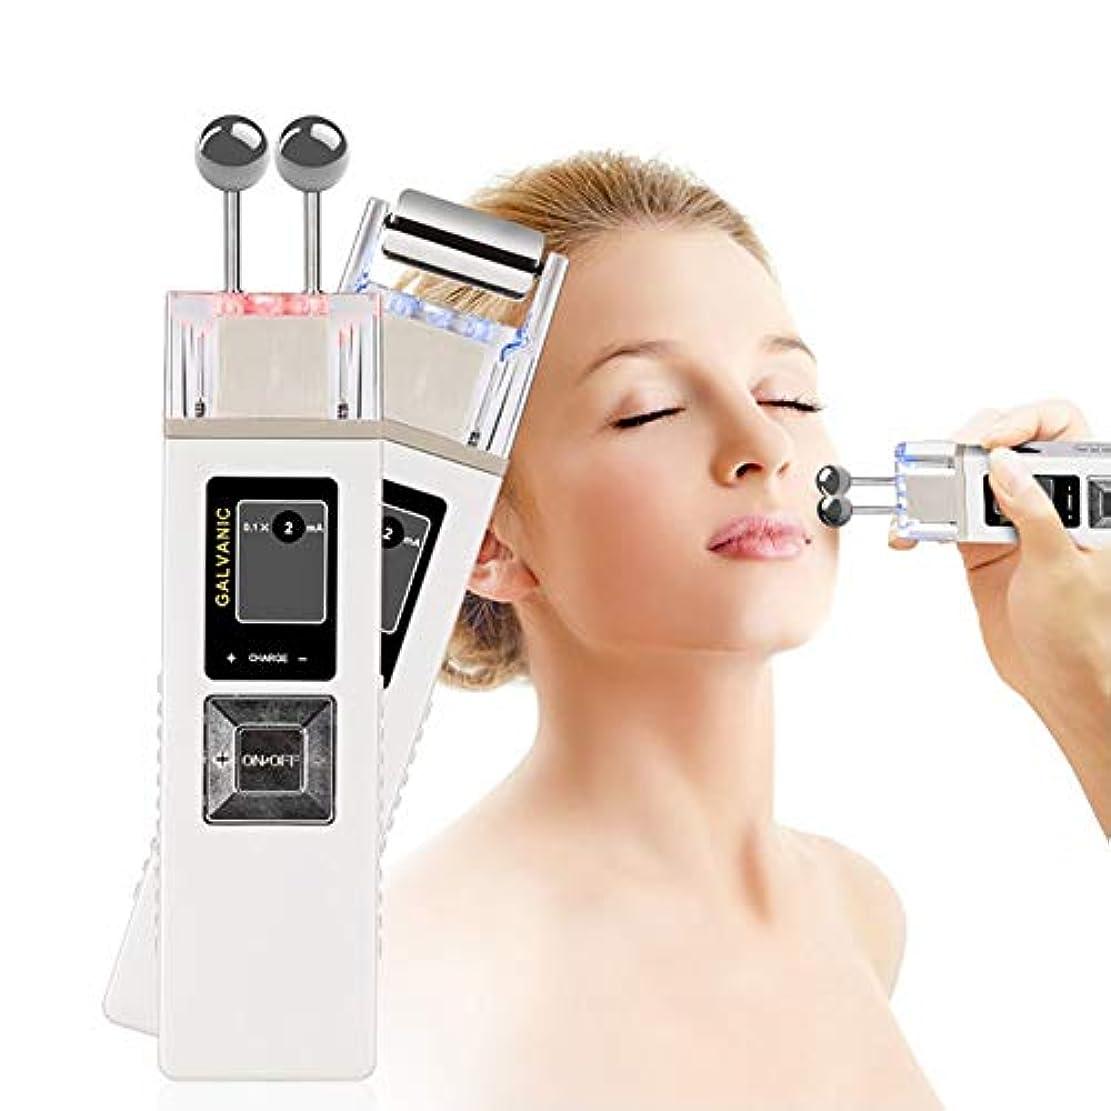 煙話可動式電気めっきフェイシャルマシンディープクリーニング引き締めフェイシャルマッサージャーマイナスイオンマイクロ電気美容器具